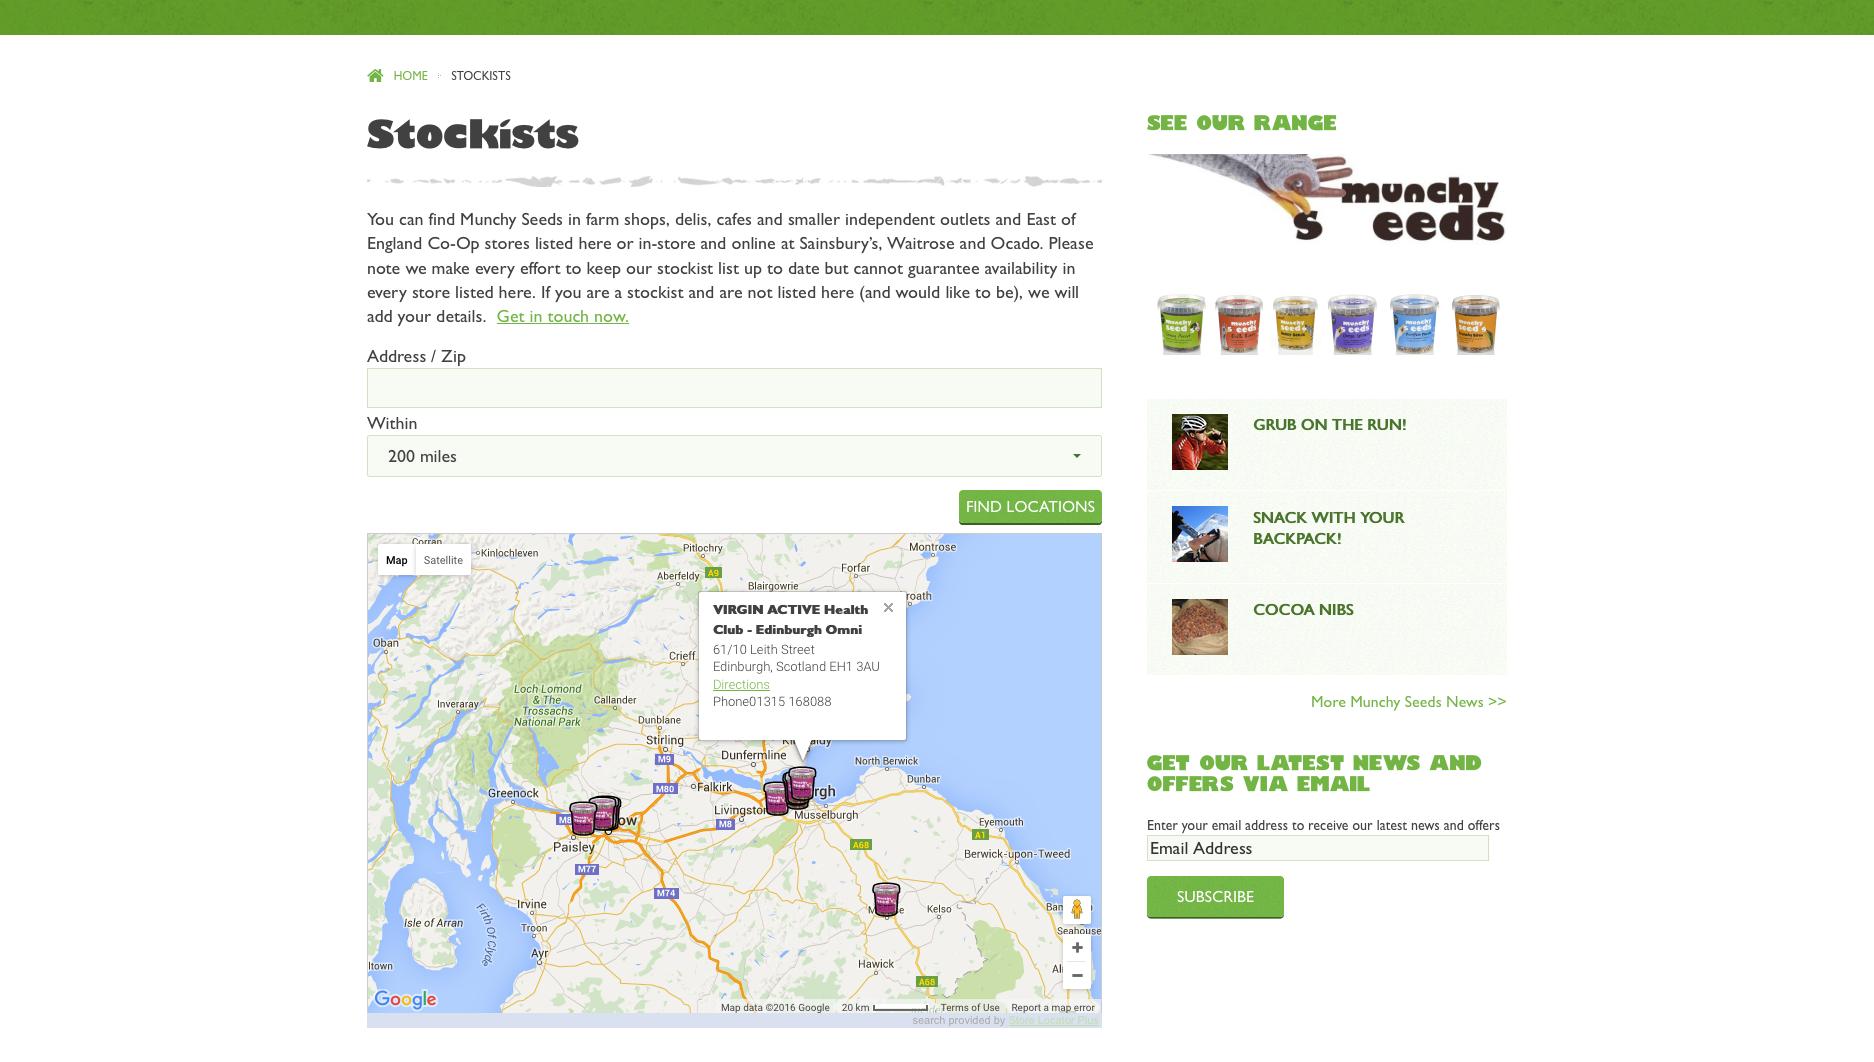 Munchy seeds website